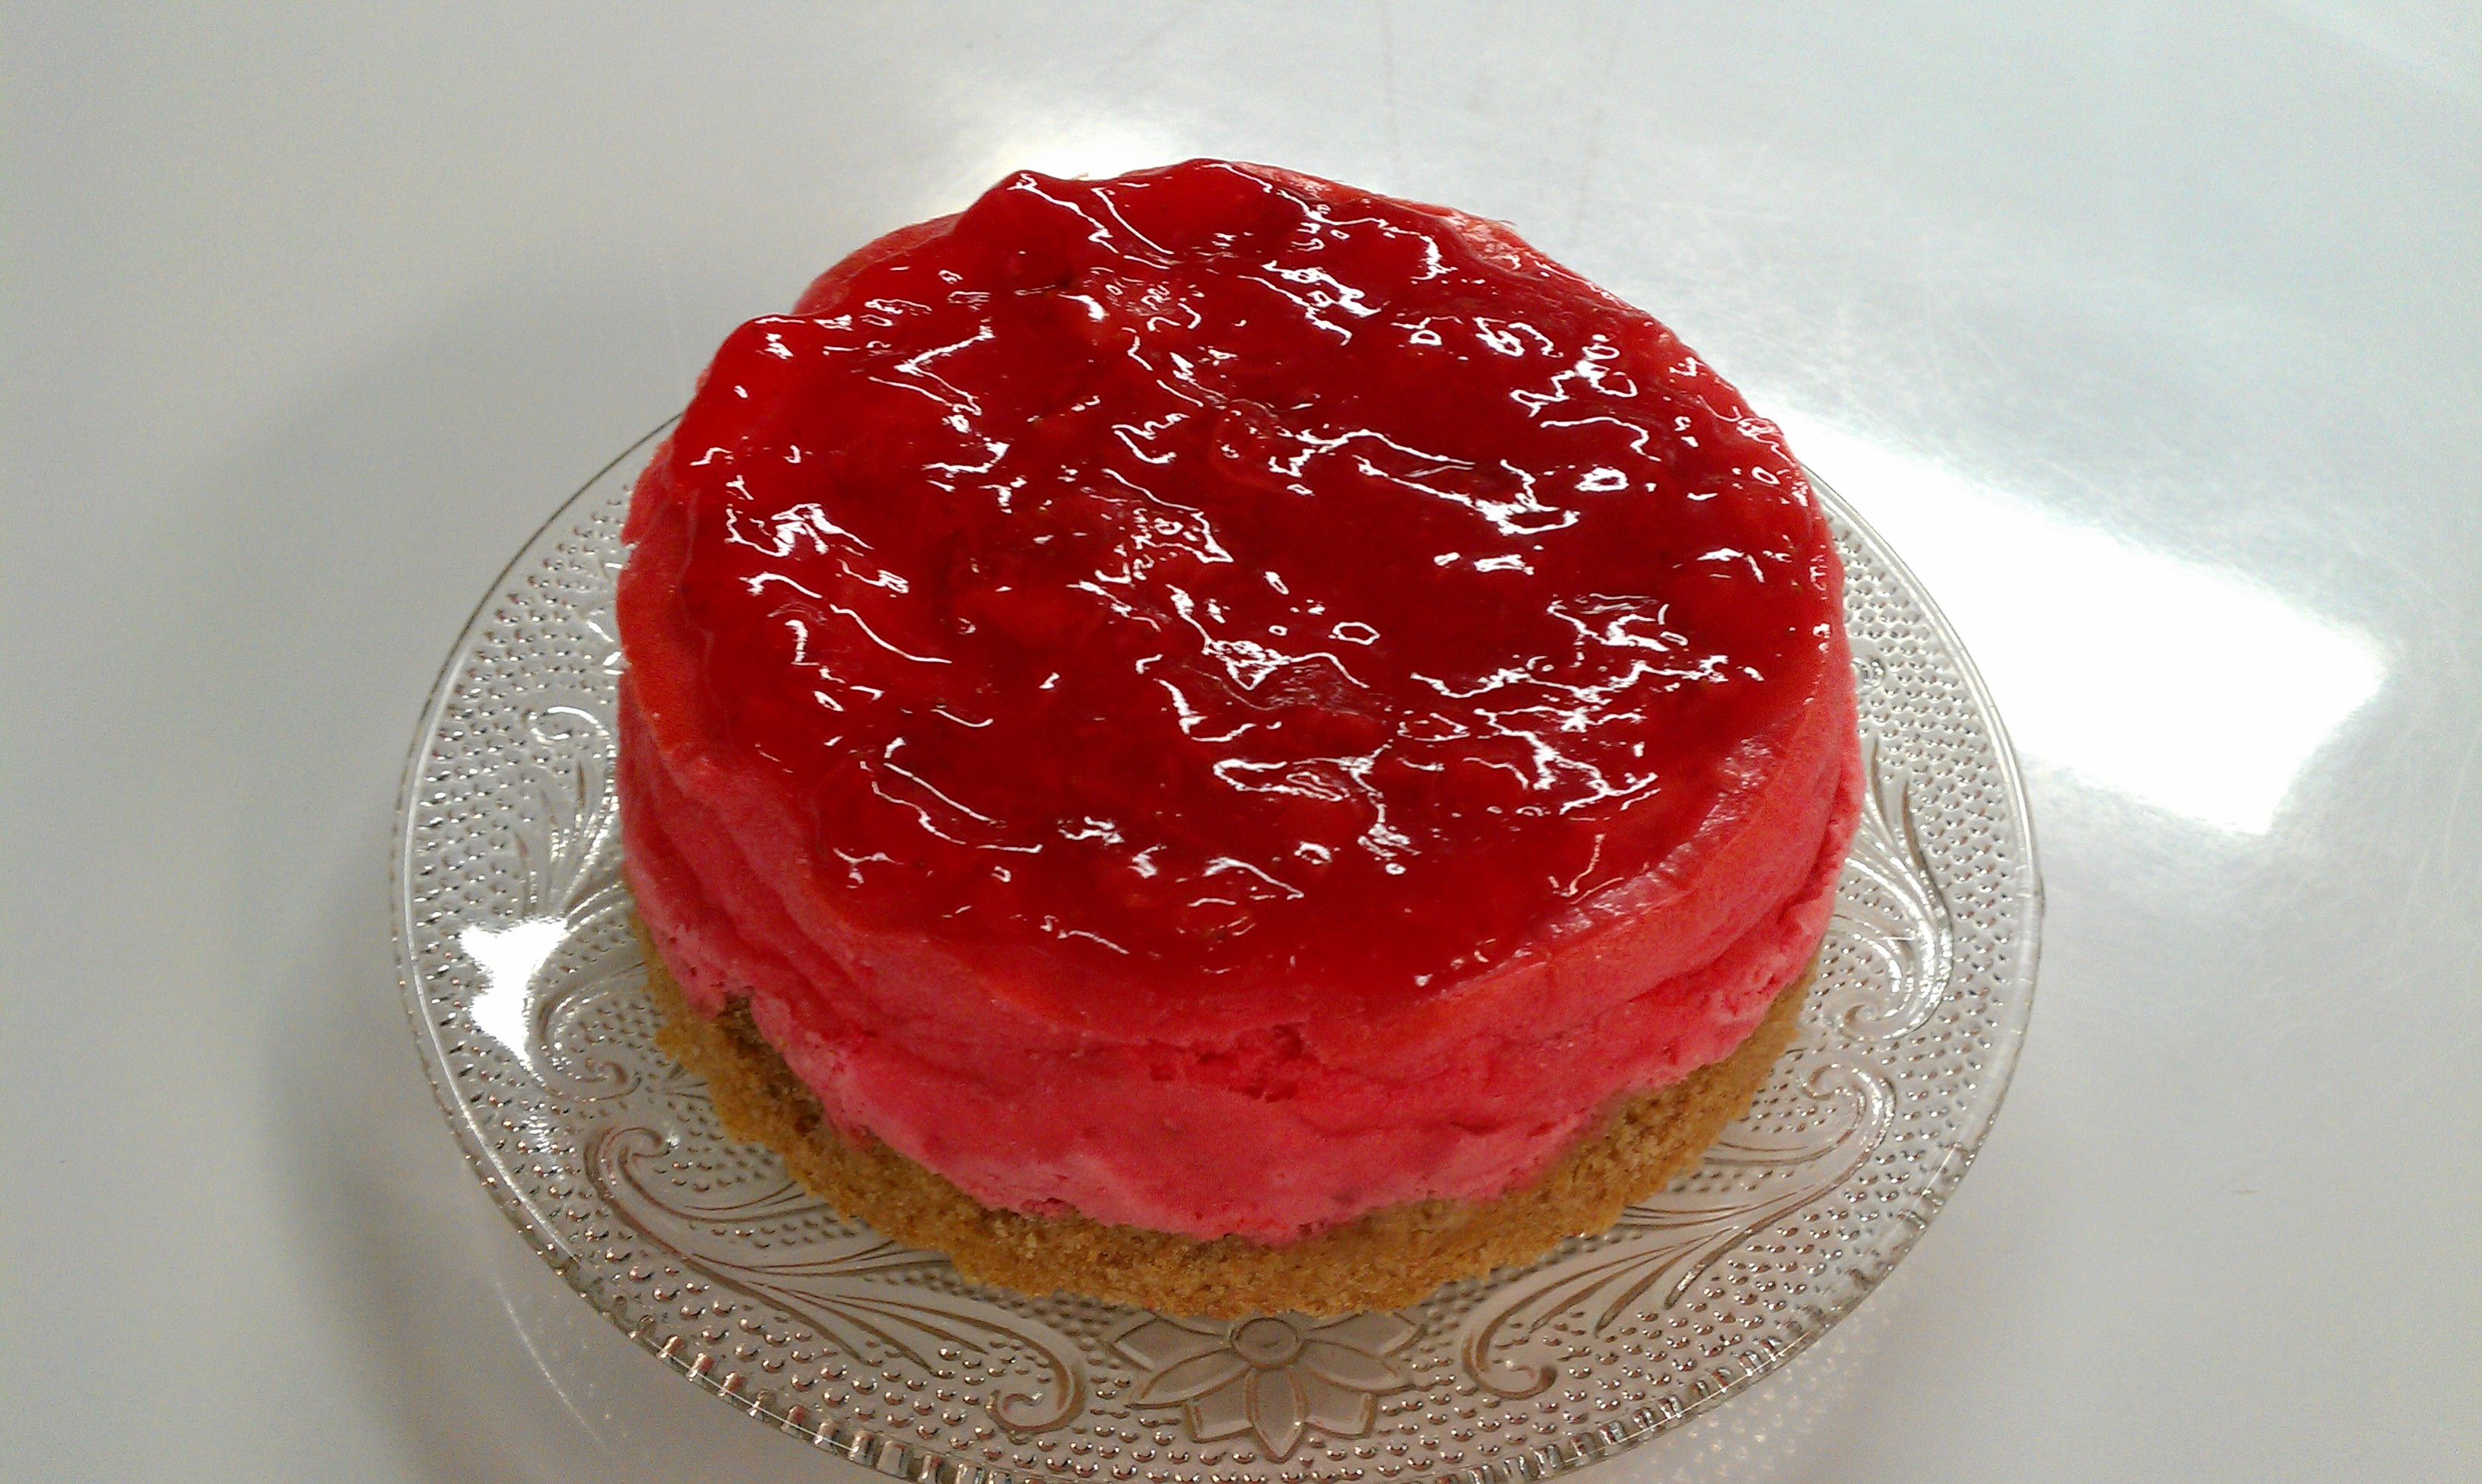 Savory Jalapeno Red